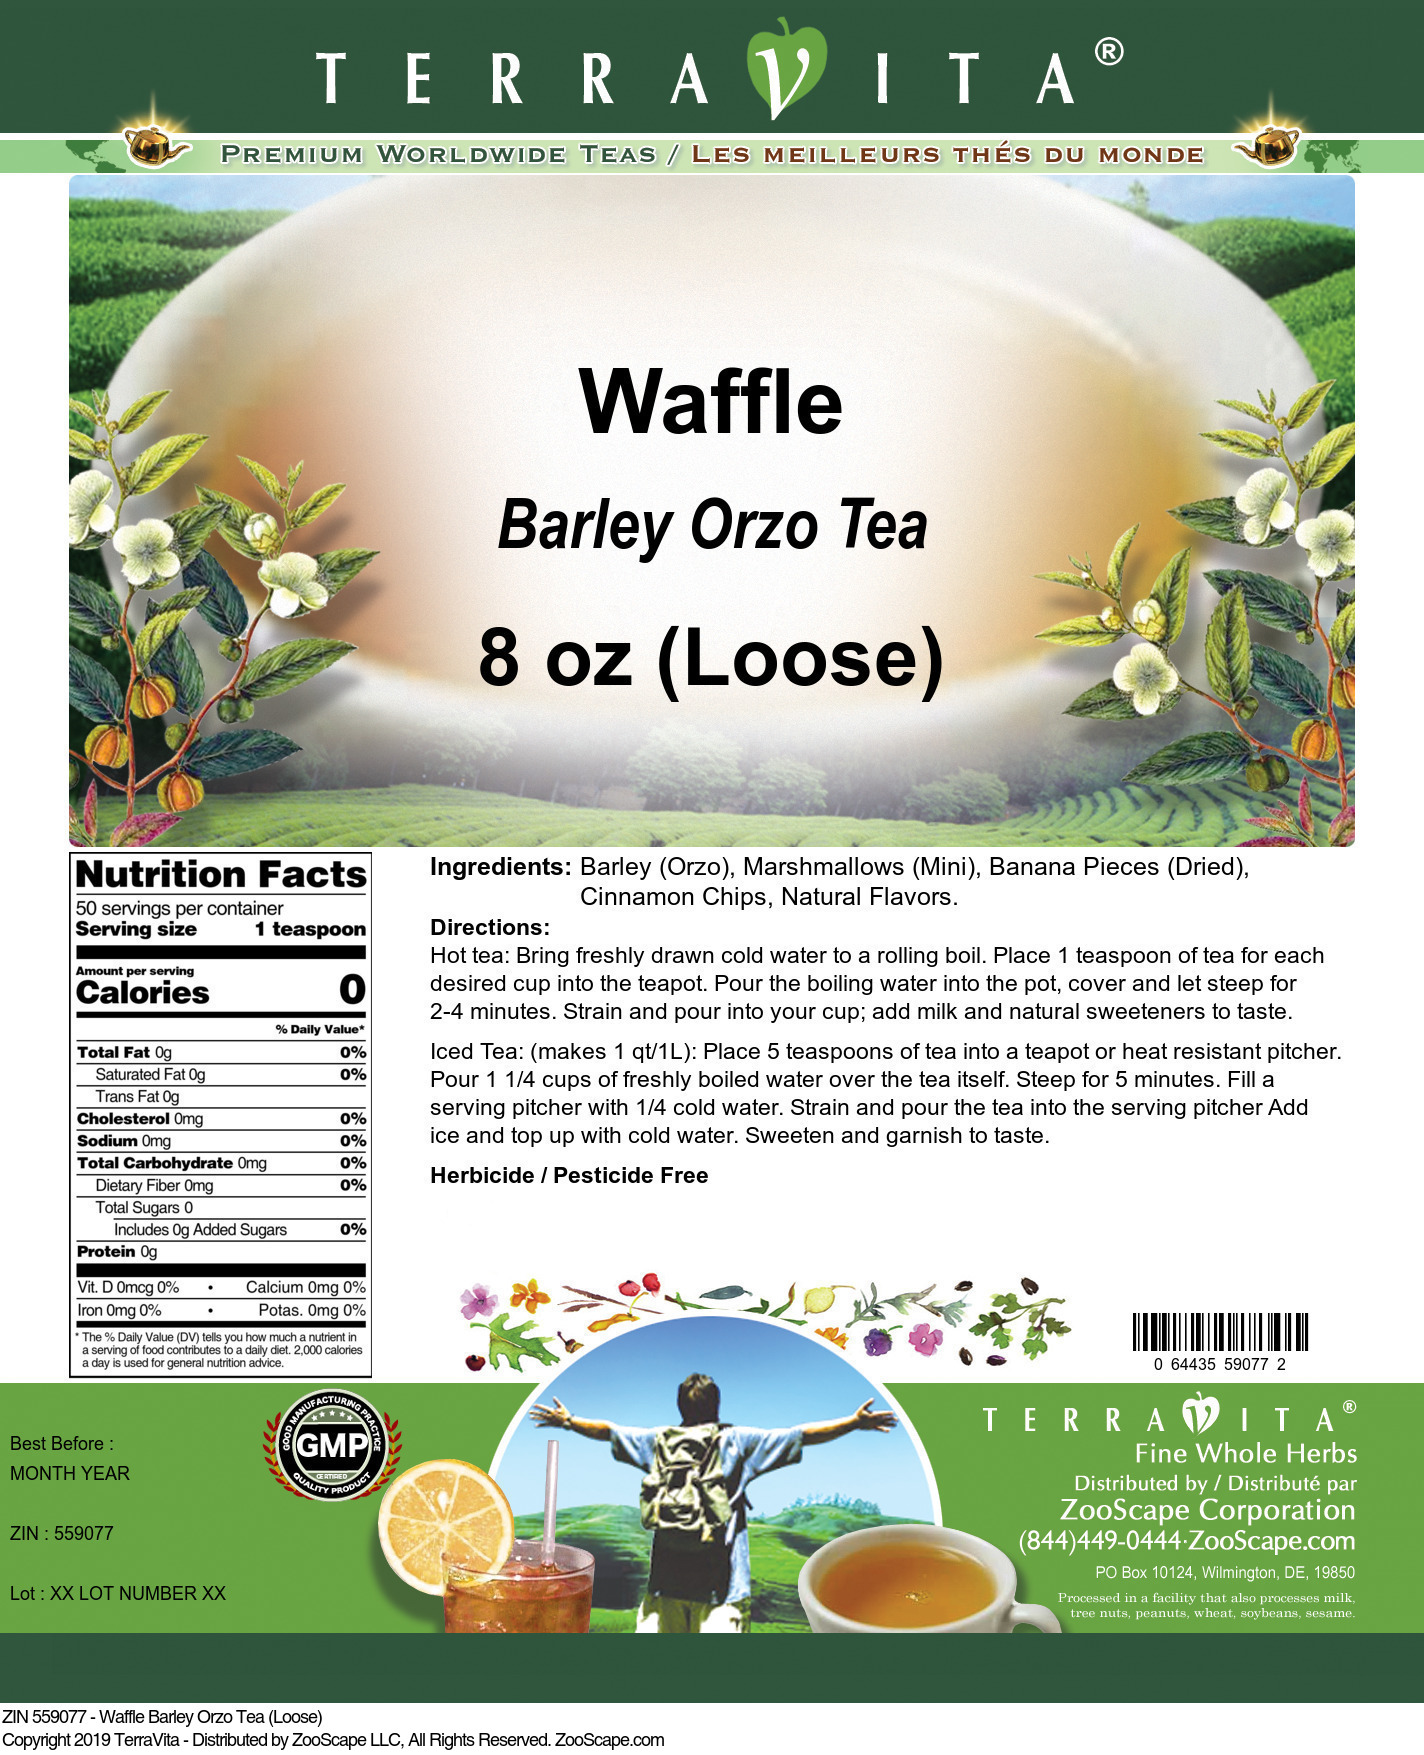 Waffle Barley Orzo Tea (Loose)